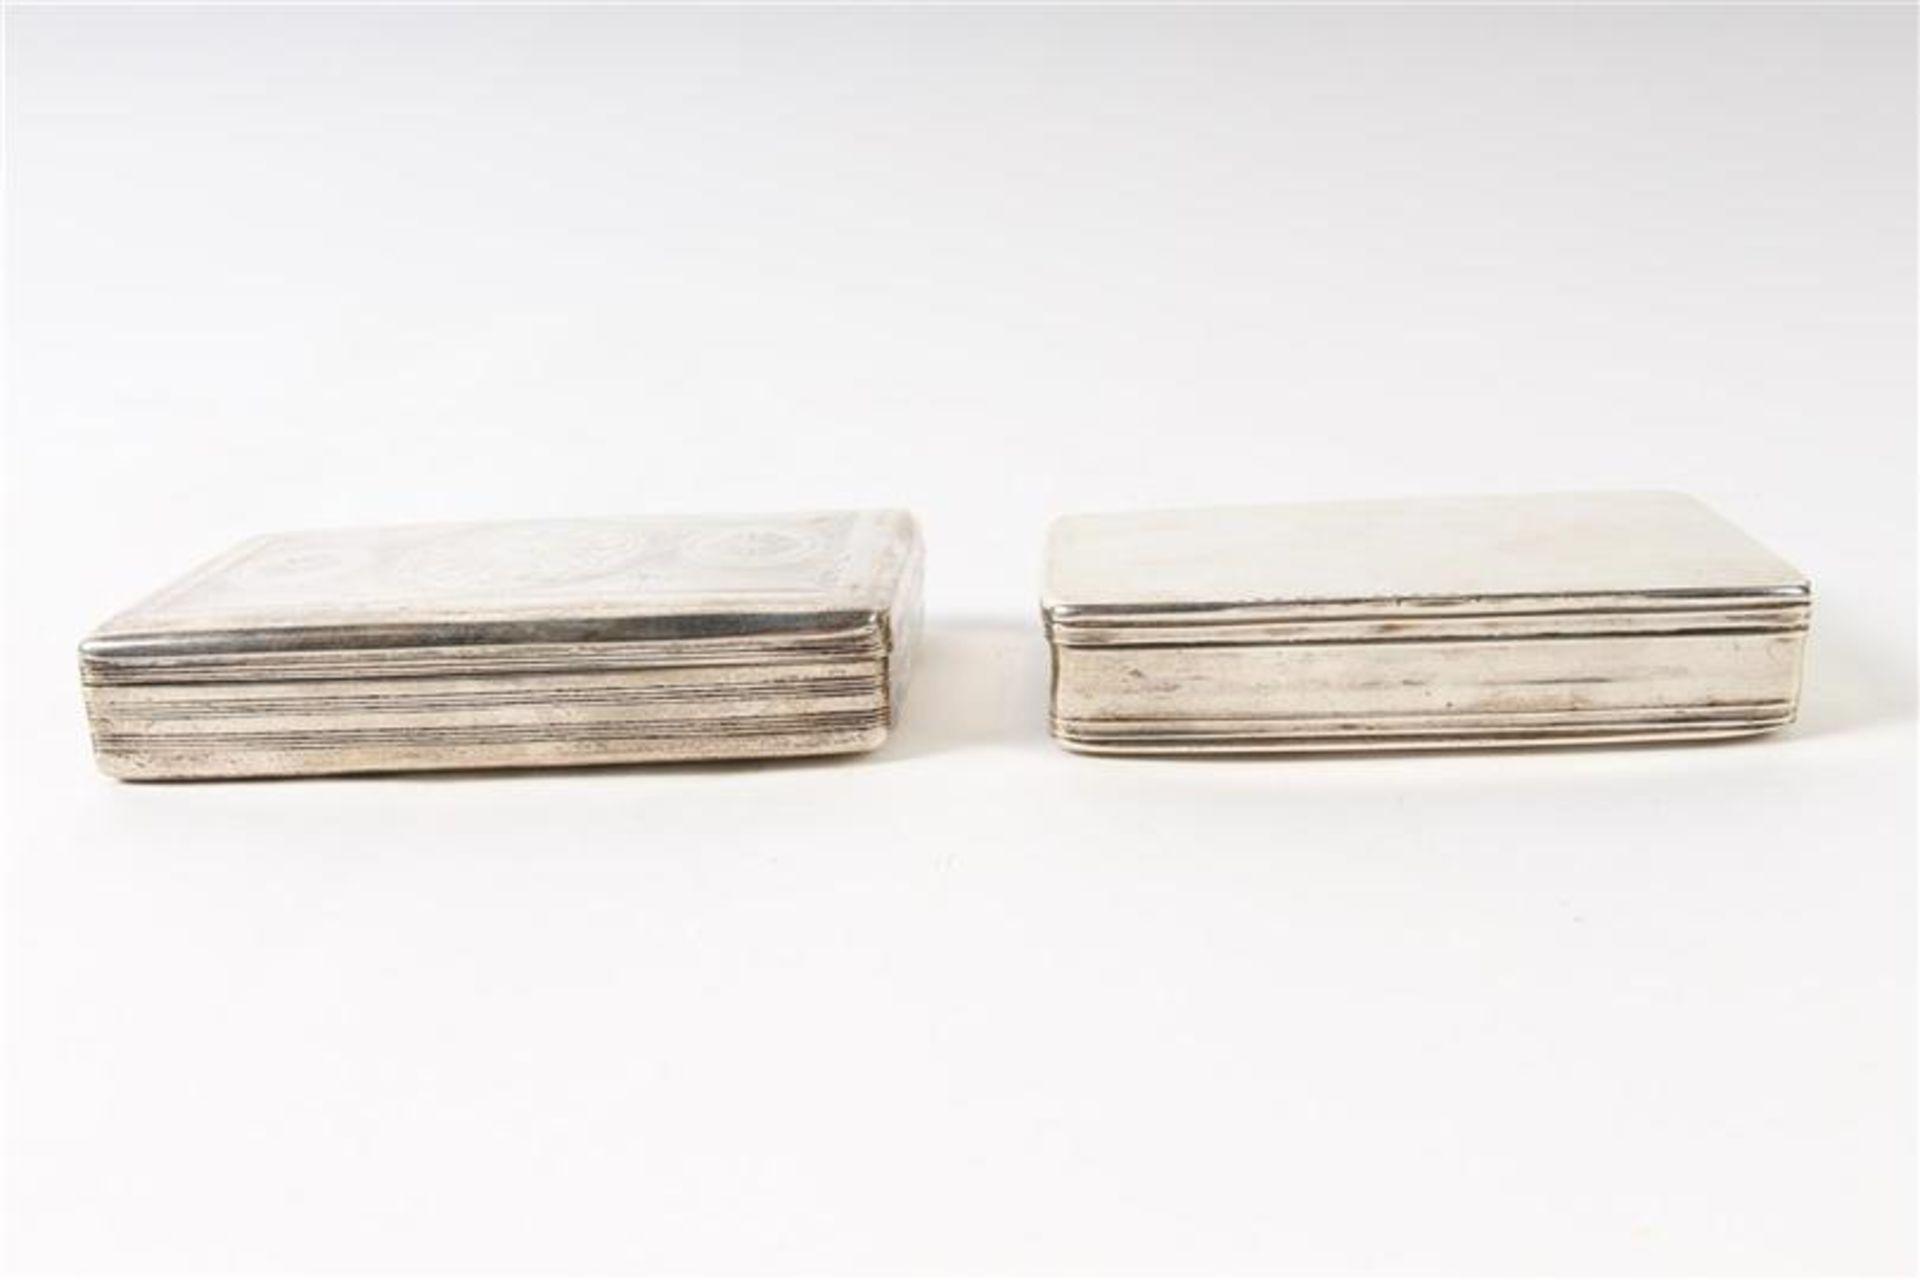 Los 25 - Twee zilveren tabaksdozen, Hollands gekeurd. HxBxD: 7 x 12.5 x 2.5 en 7 x 11.3 x 2.3 cm.